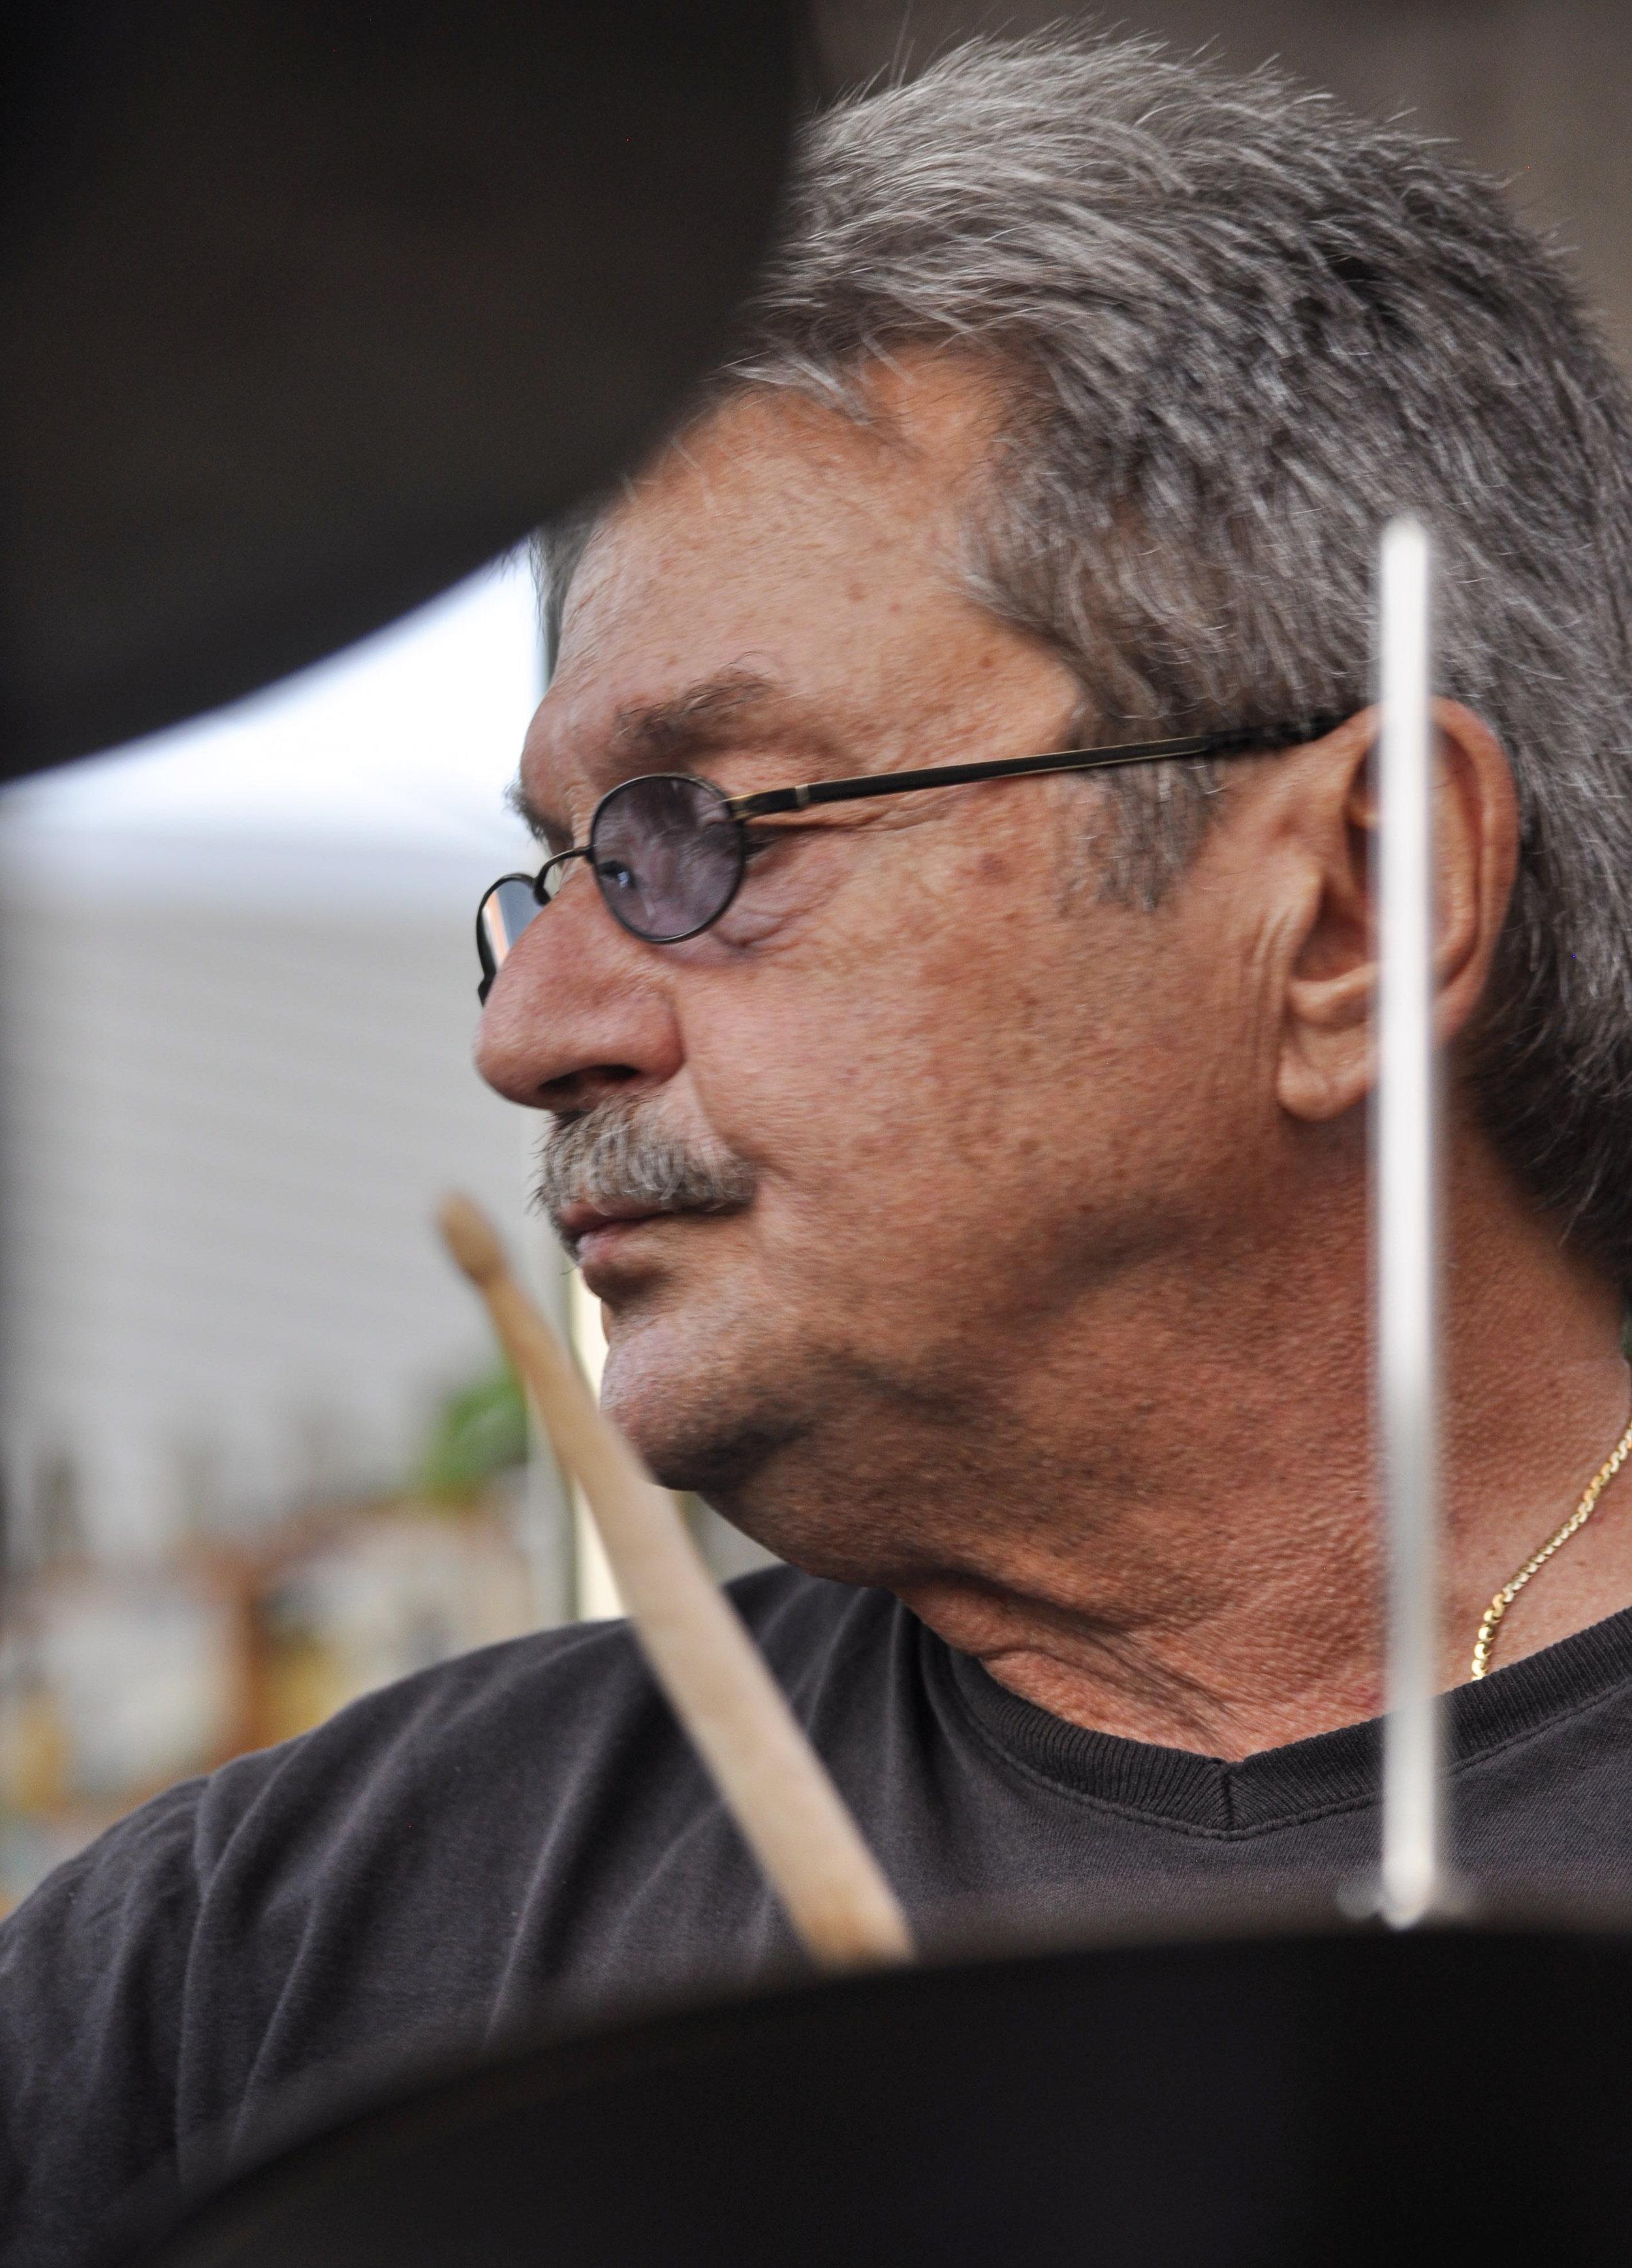 @ Woodstock 2019_drummer.jpg